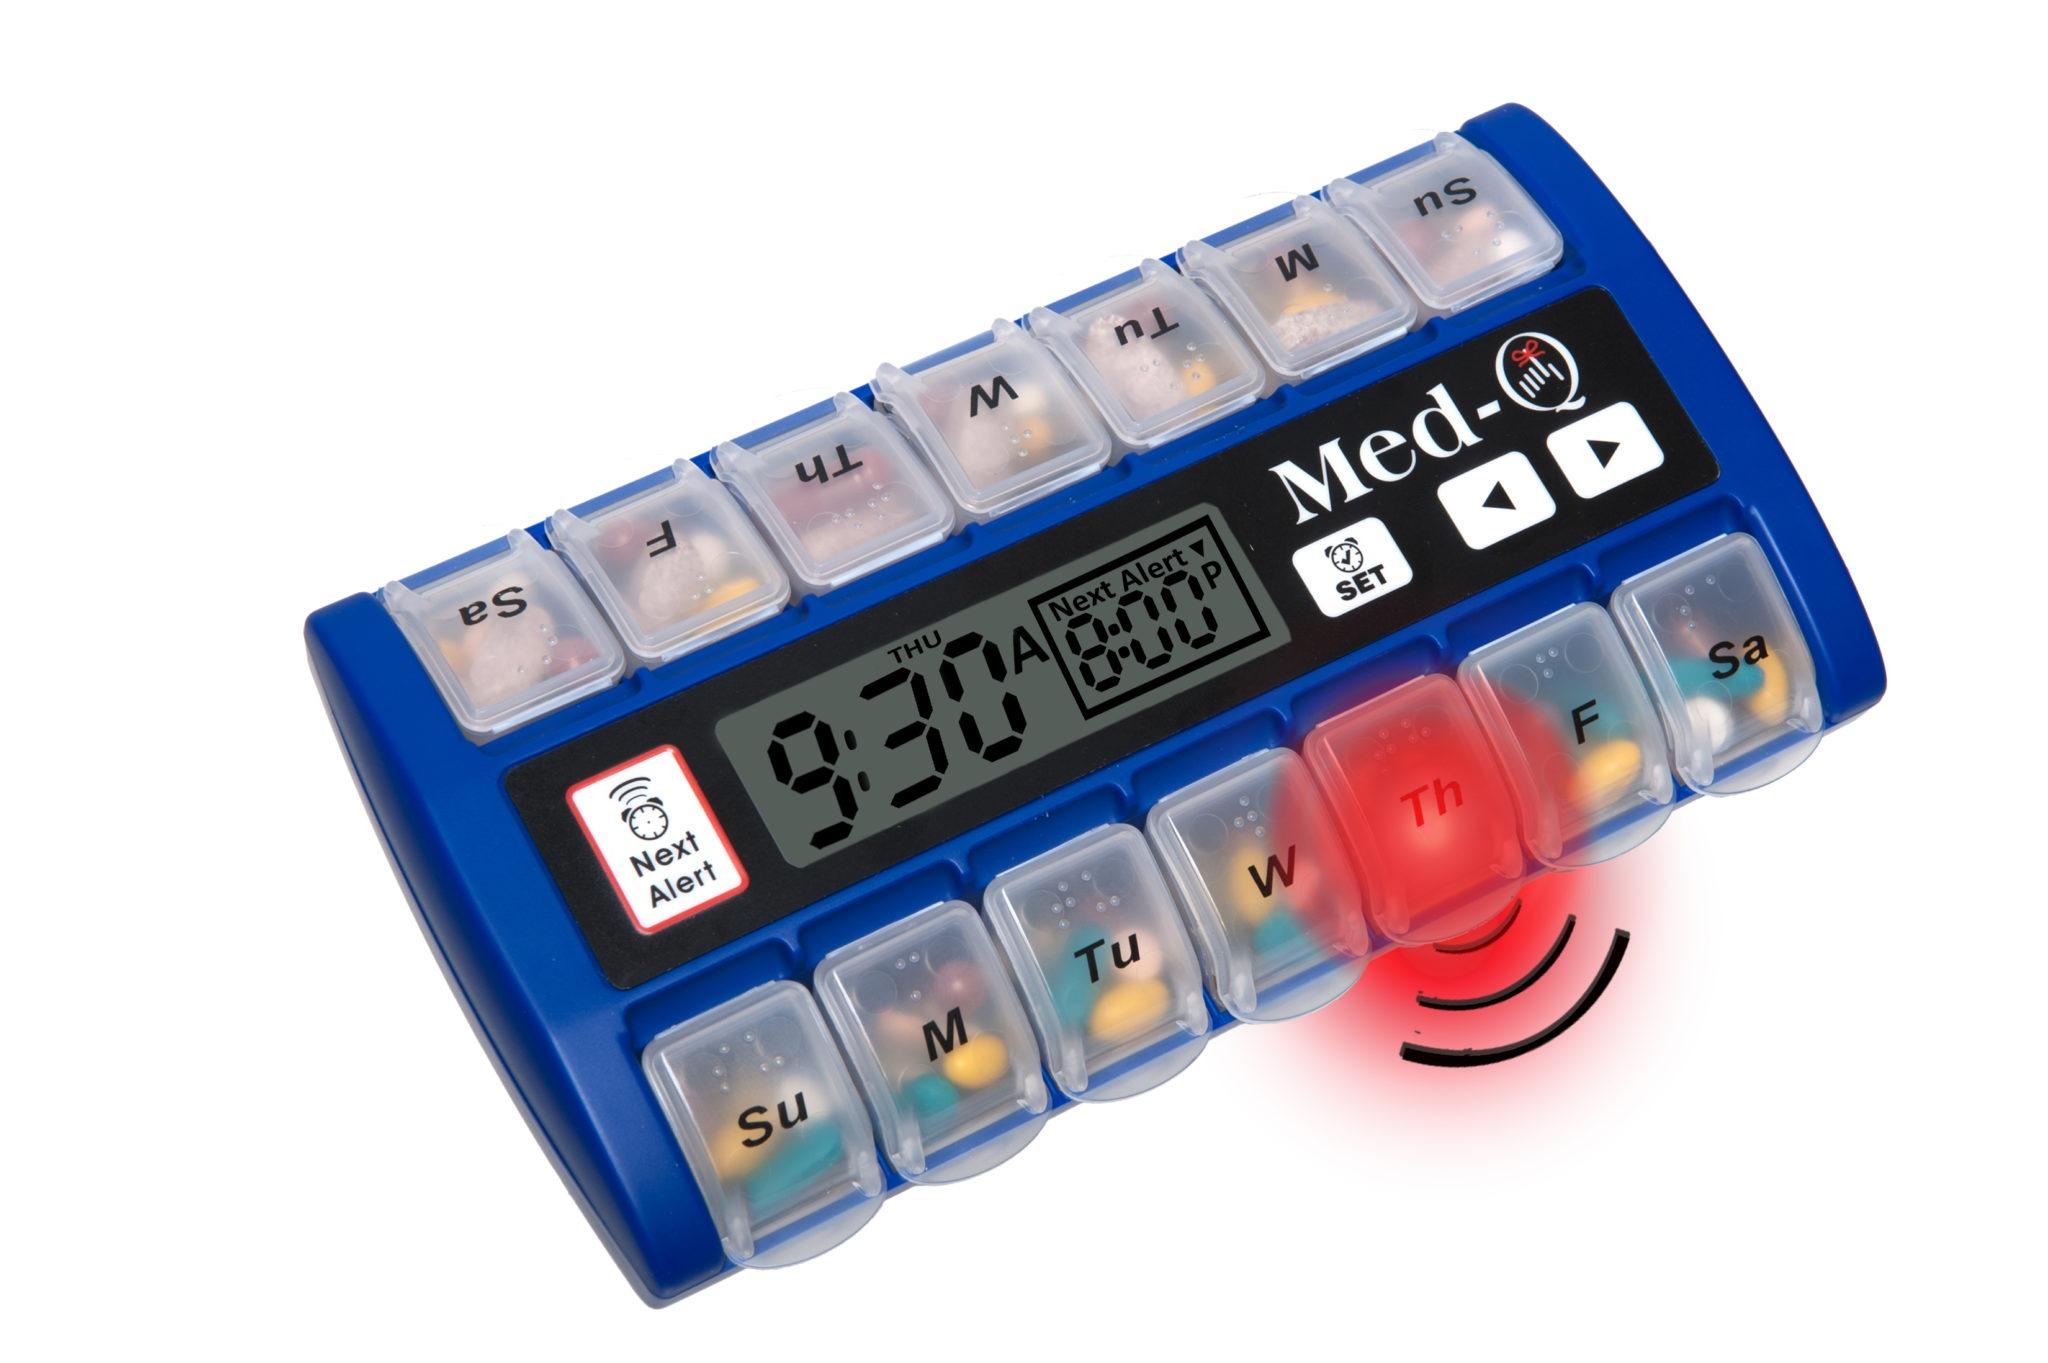 Automatic Pill box